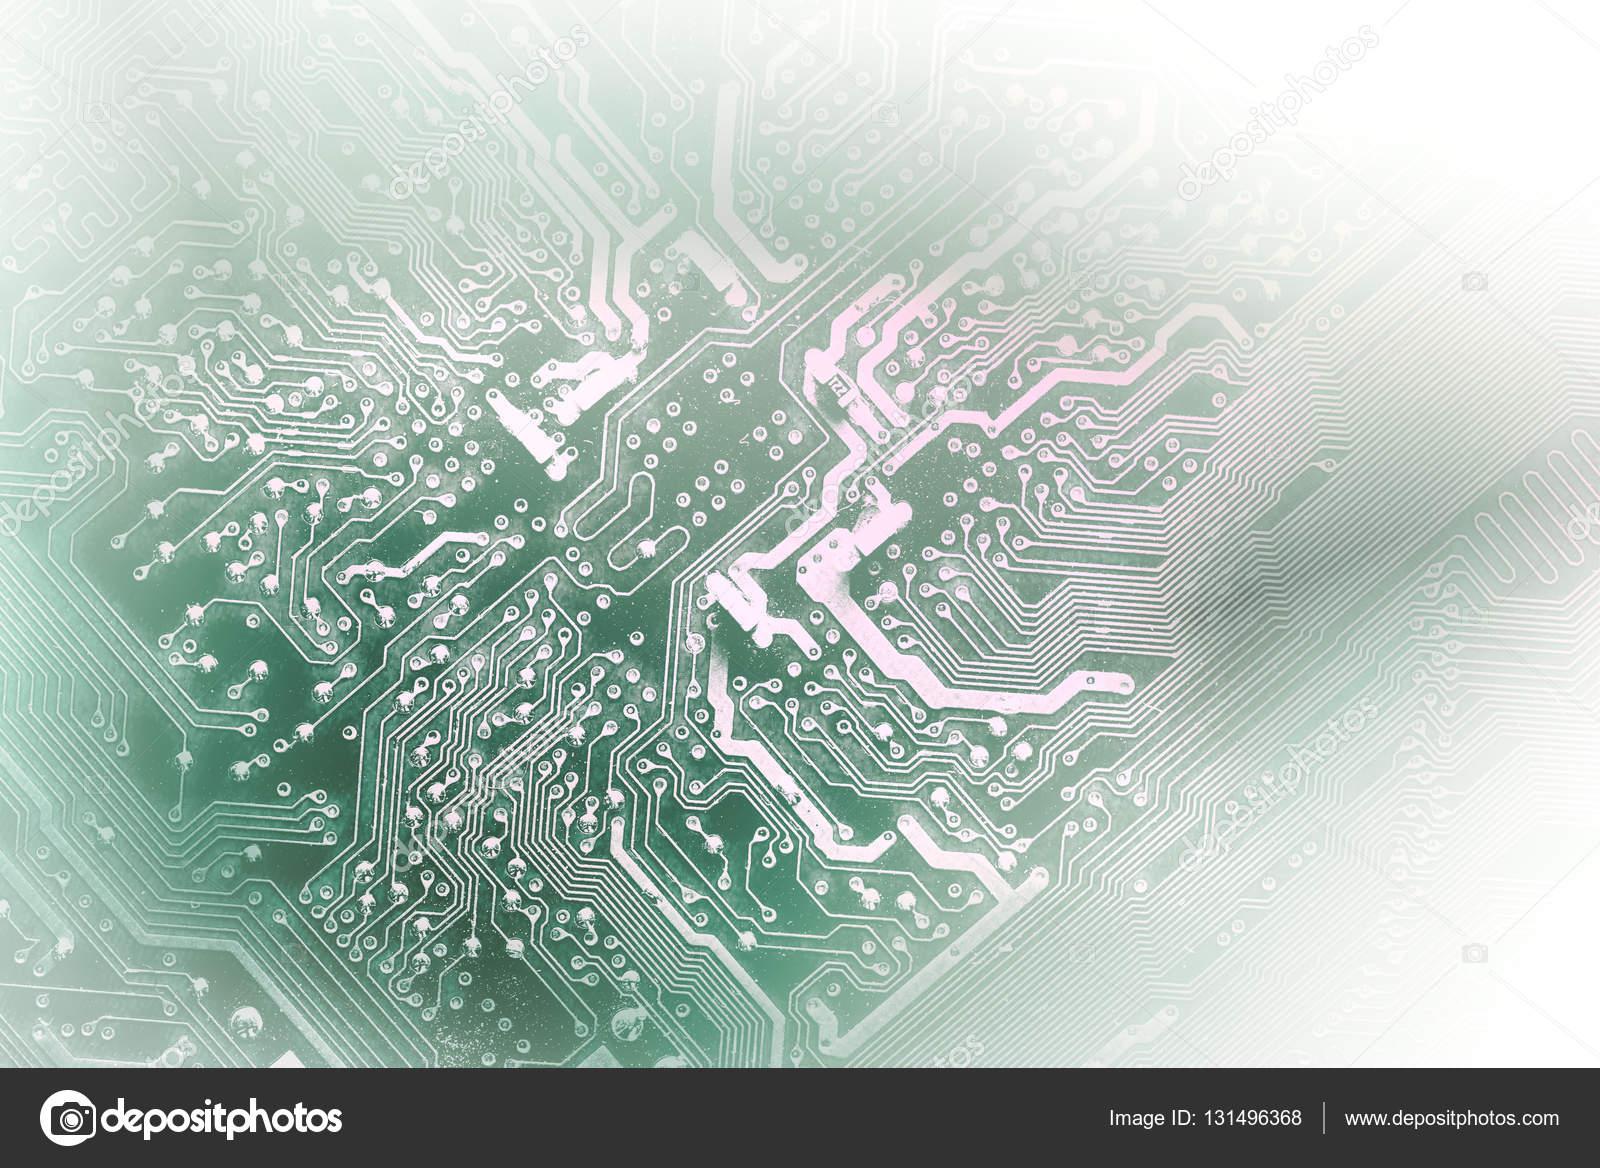 Sfondo Astratto Di Tecnologia Per La Presentazione Di Affari